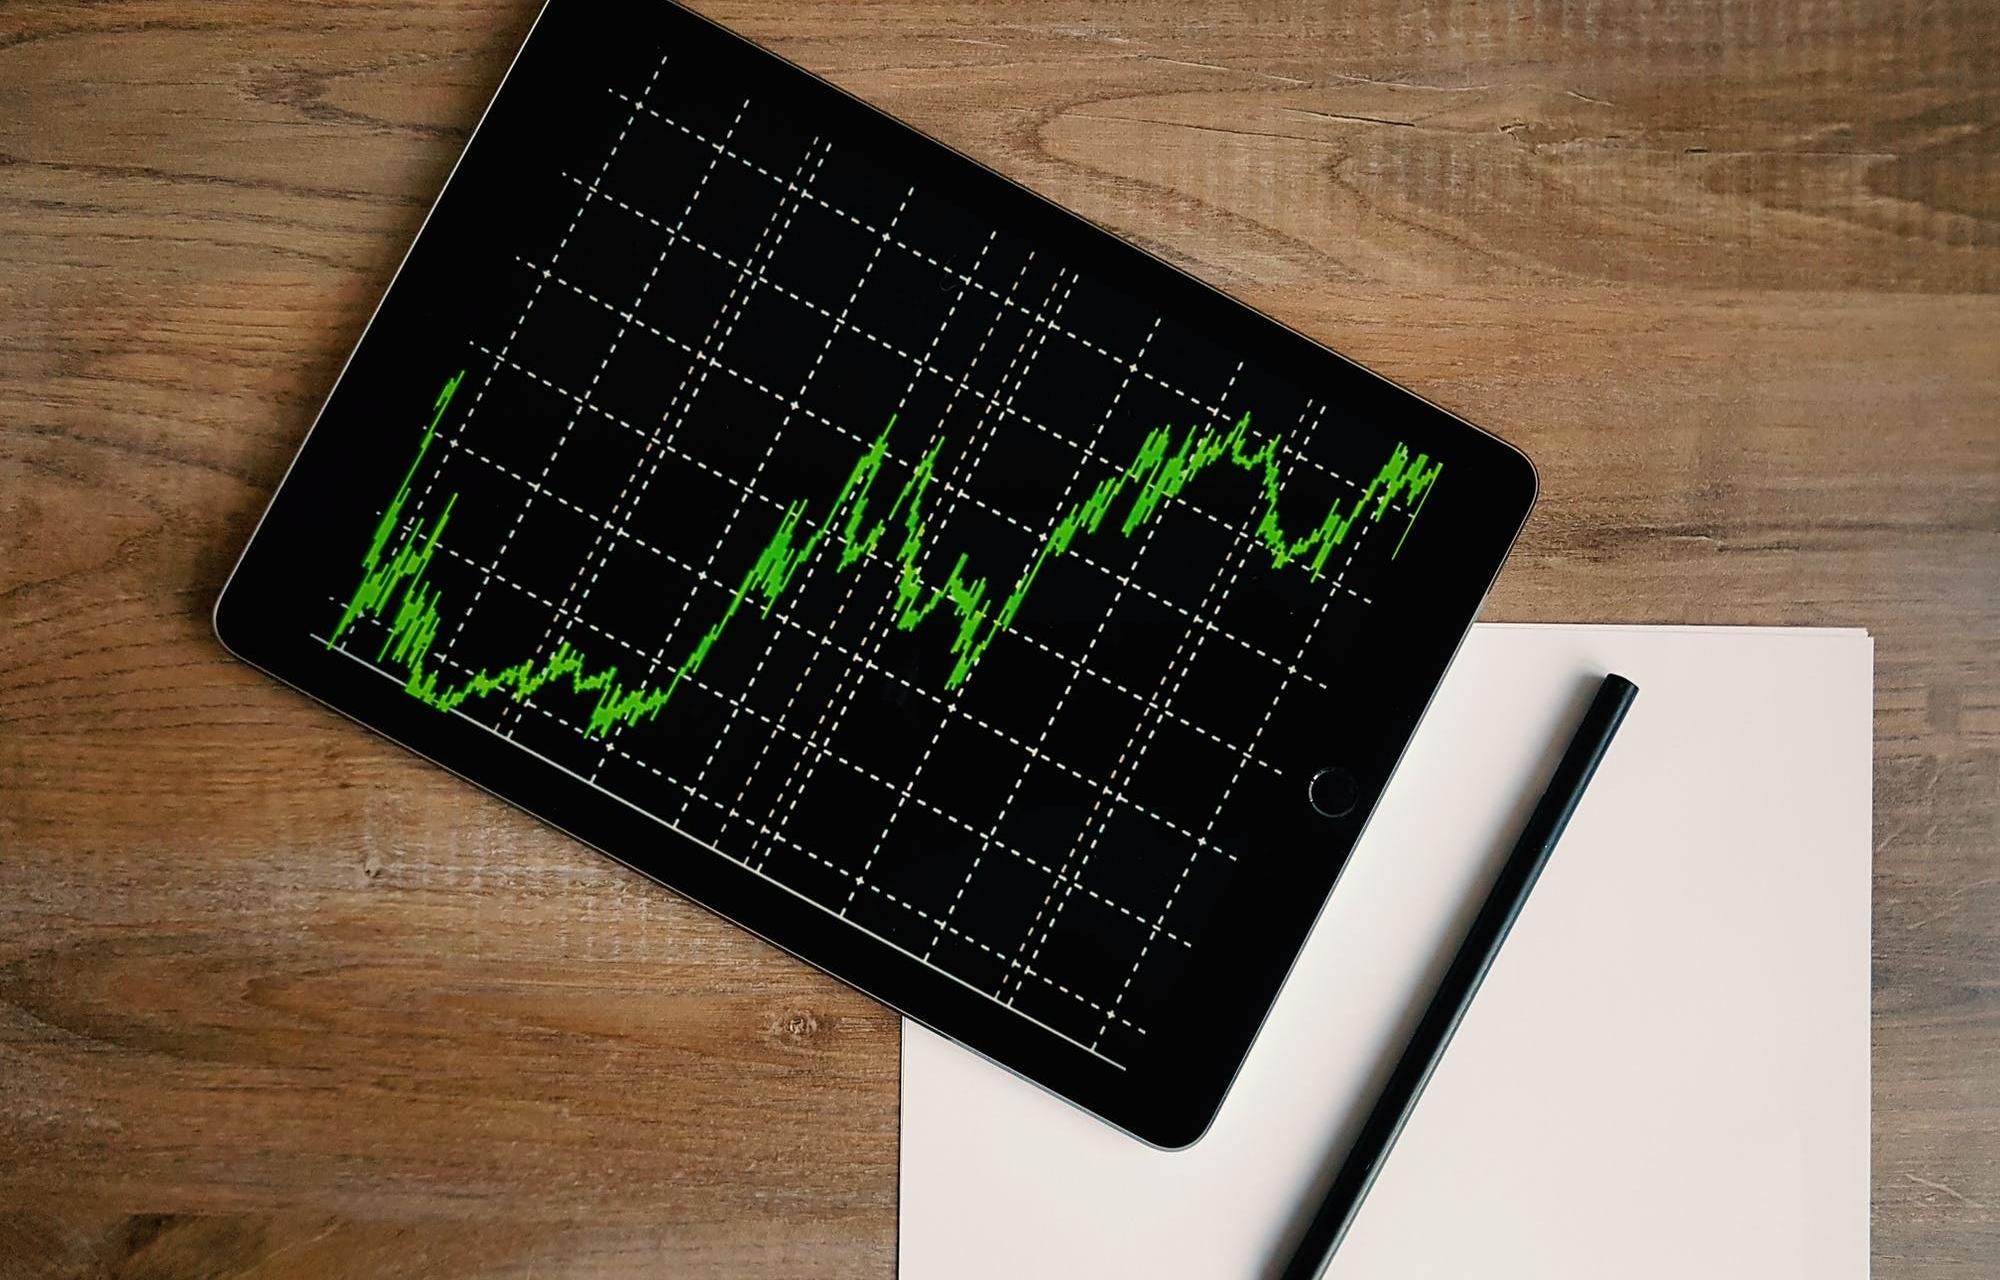 ВТБ: российский рынок привлечения в 2020 г. вырос на 1 трлн рублей - новости Афанасий